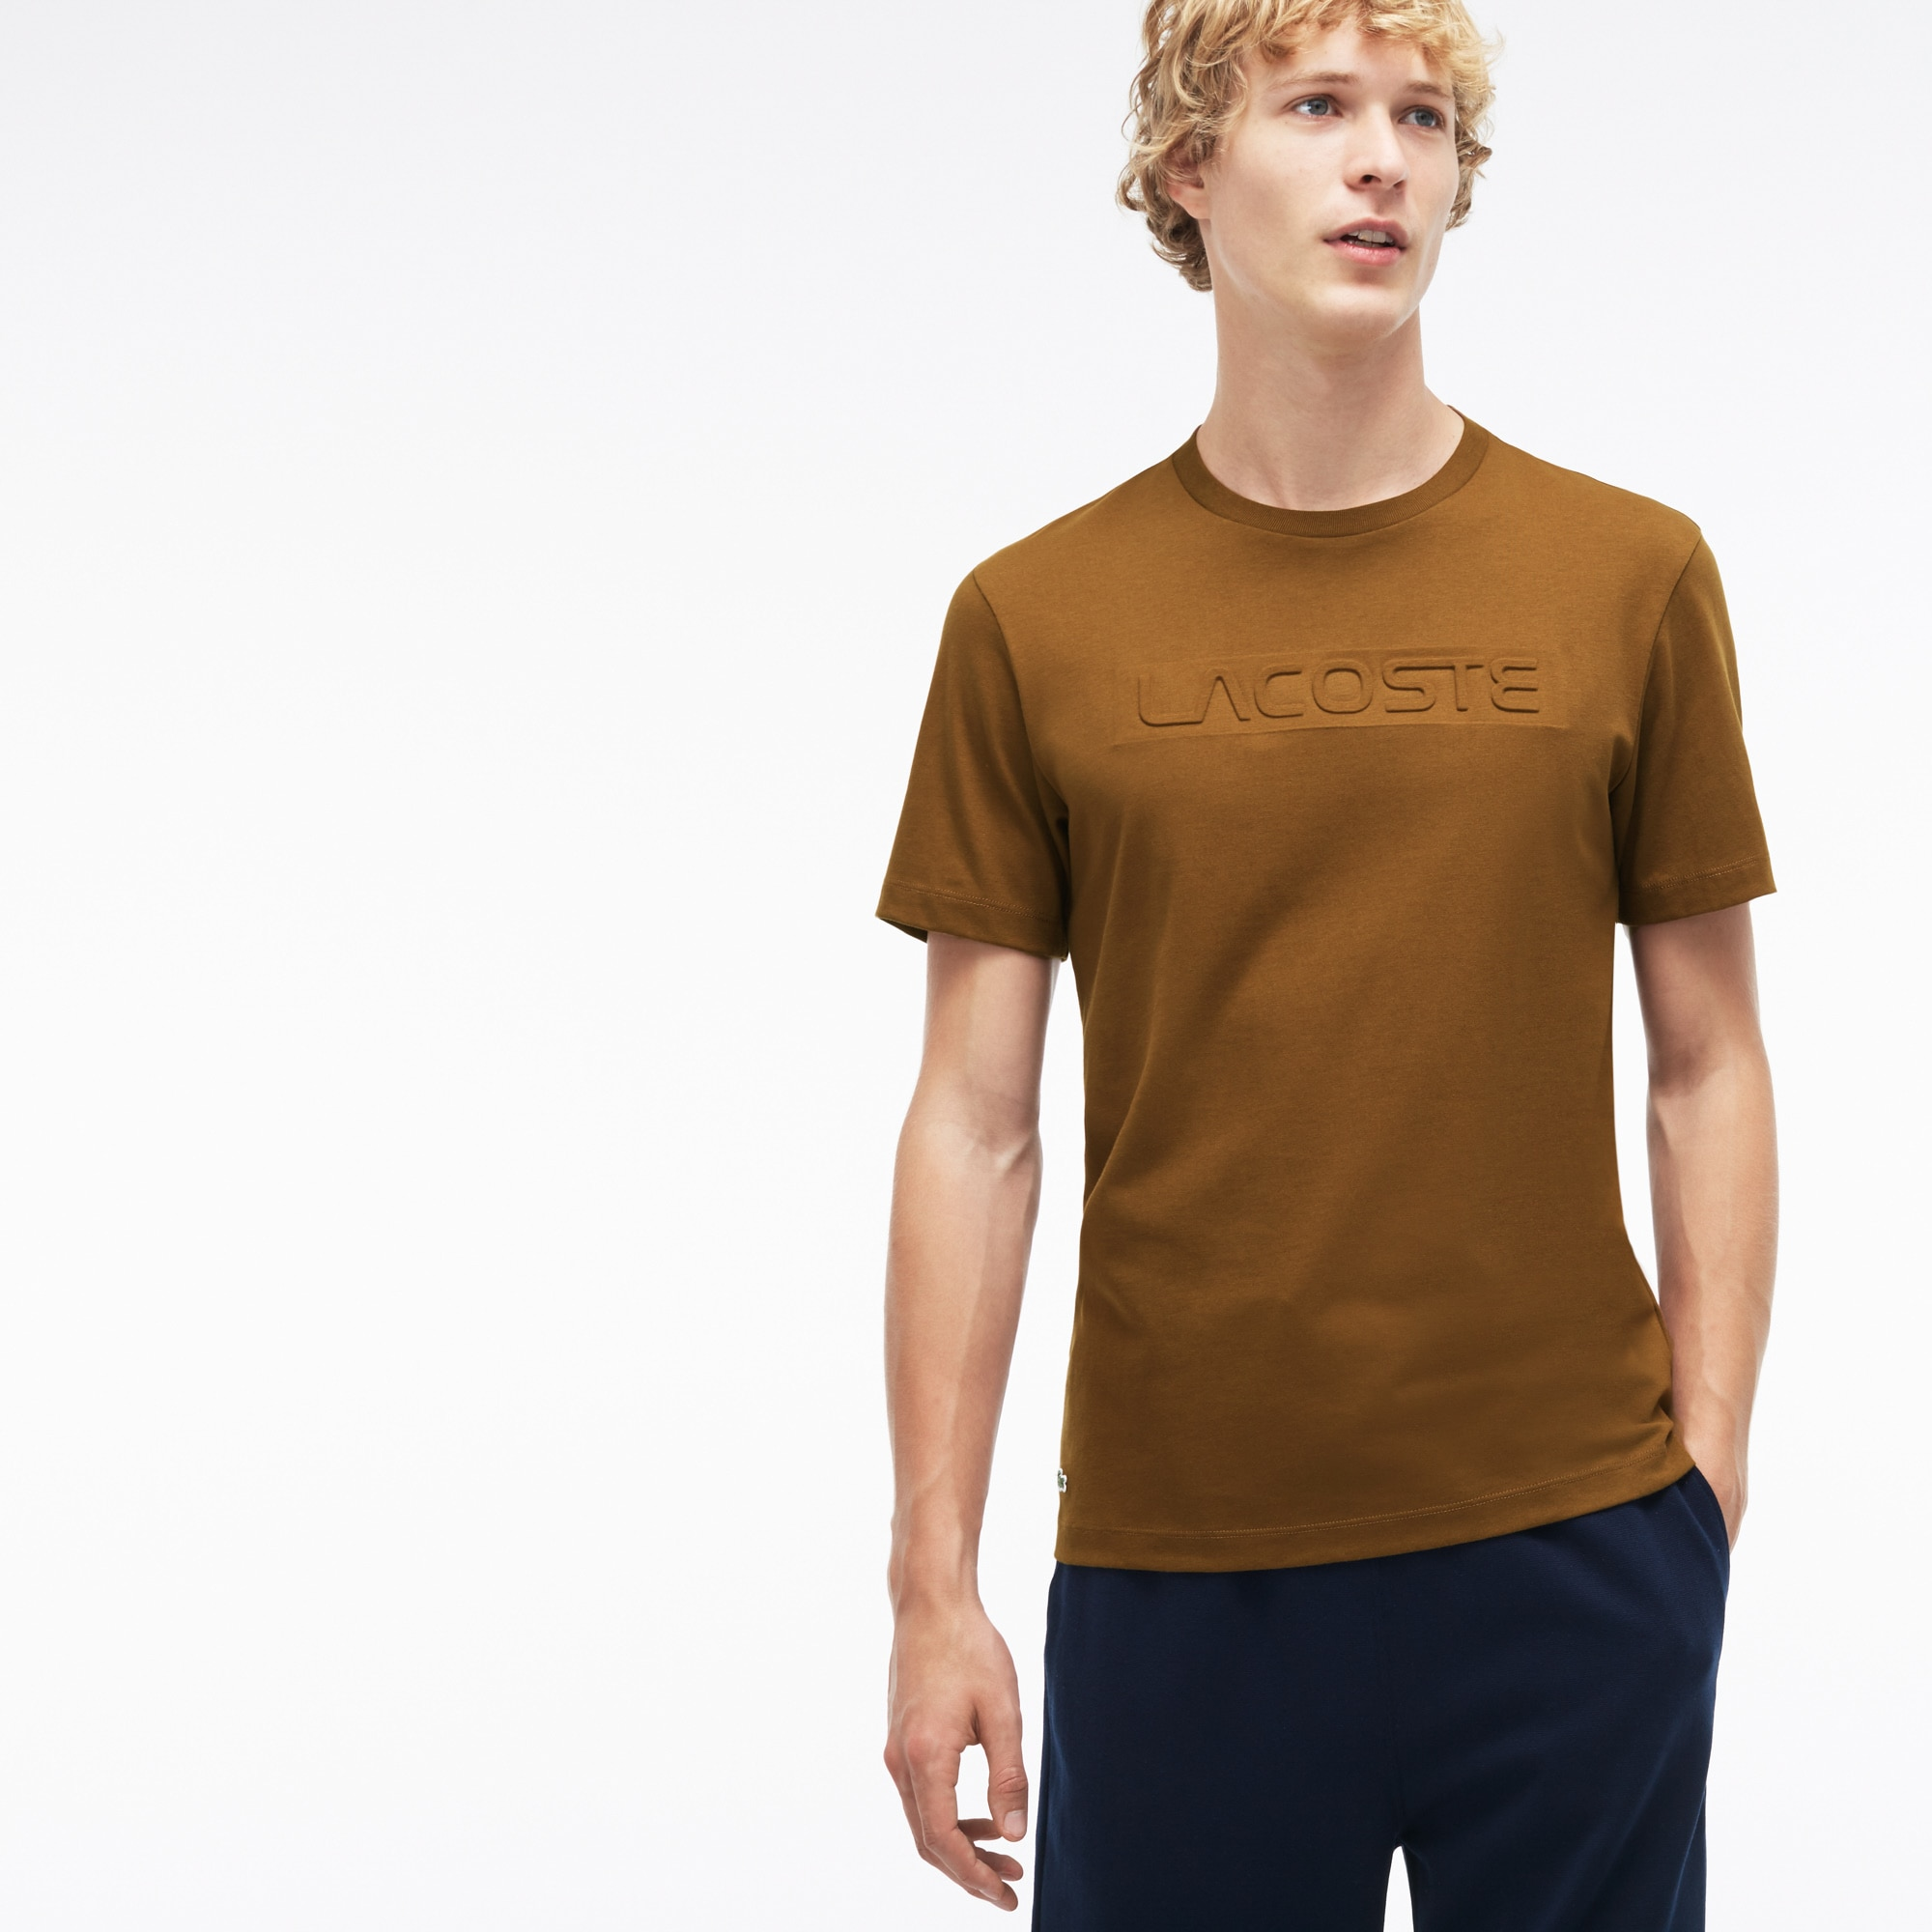 Men's Crew Neck LACOSTE Lettering Jersey T-shirt